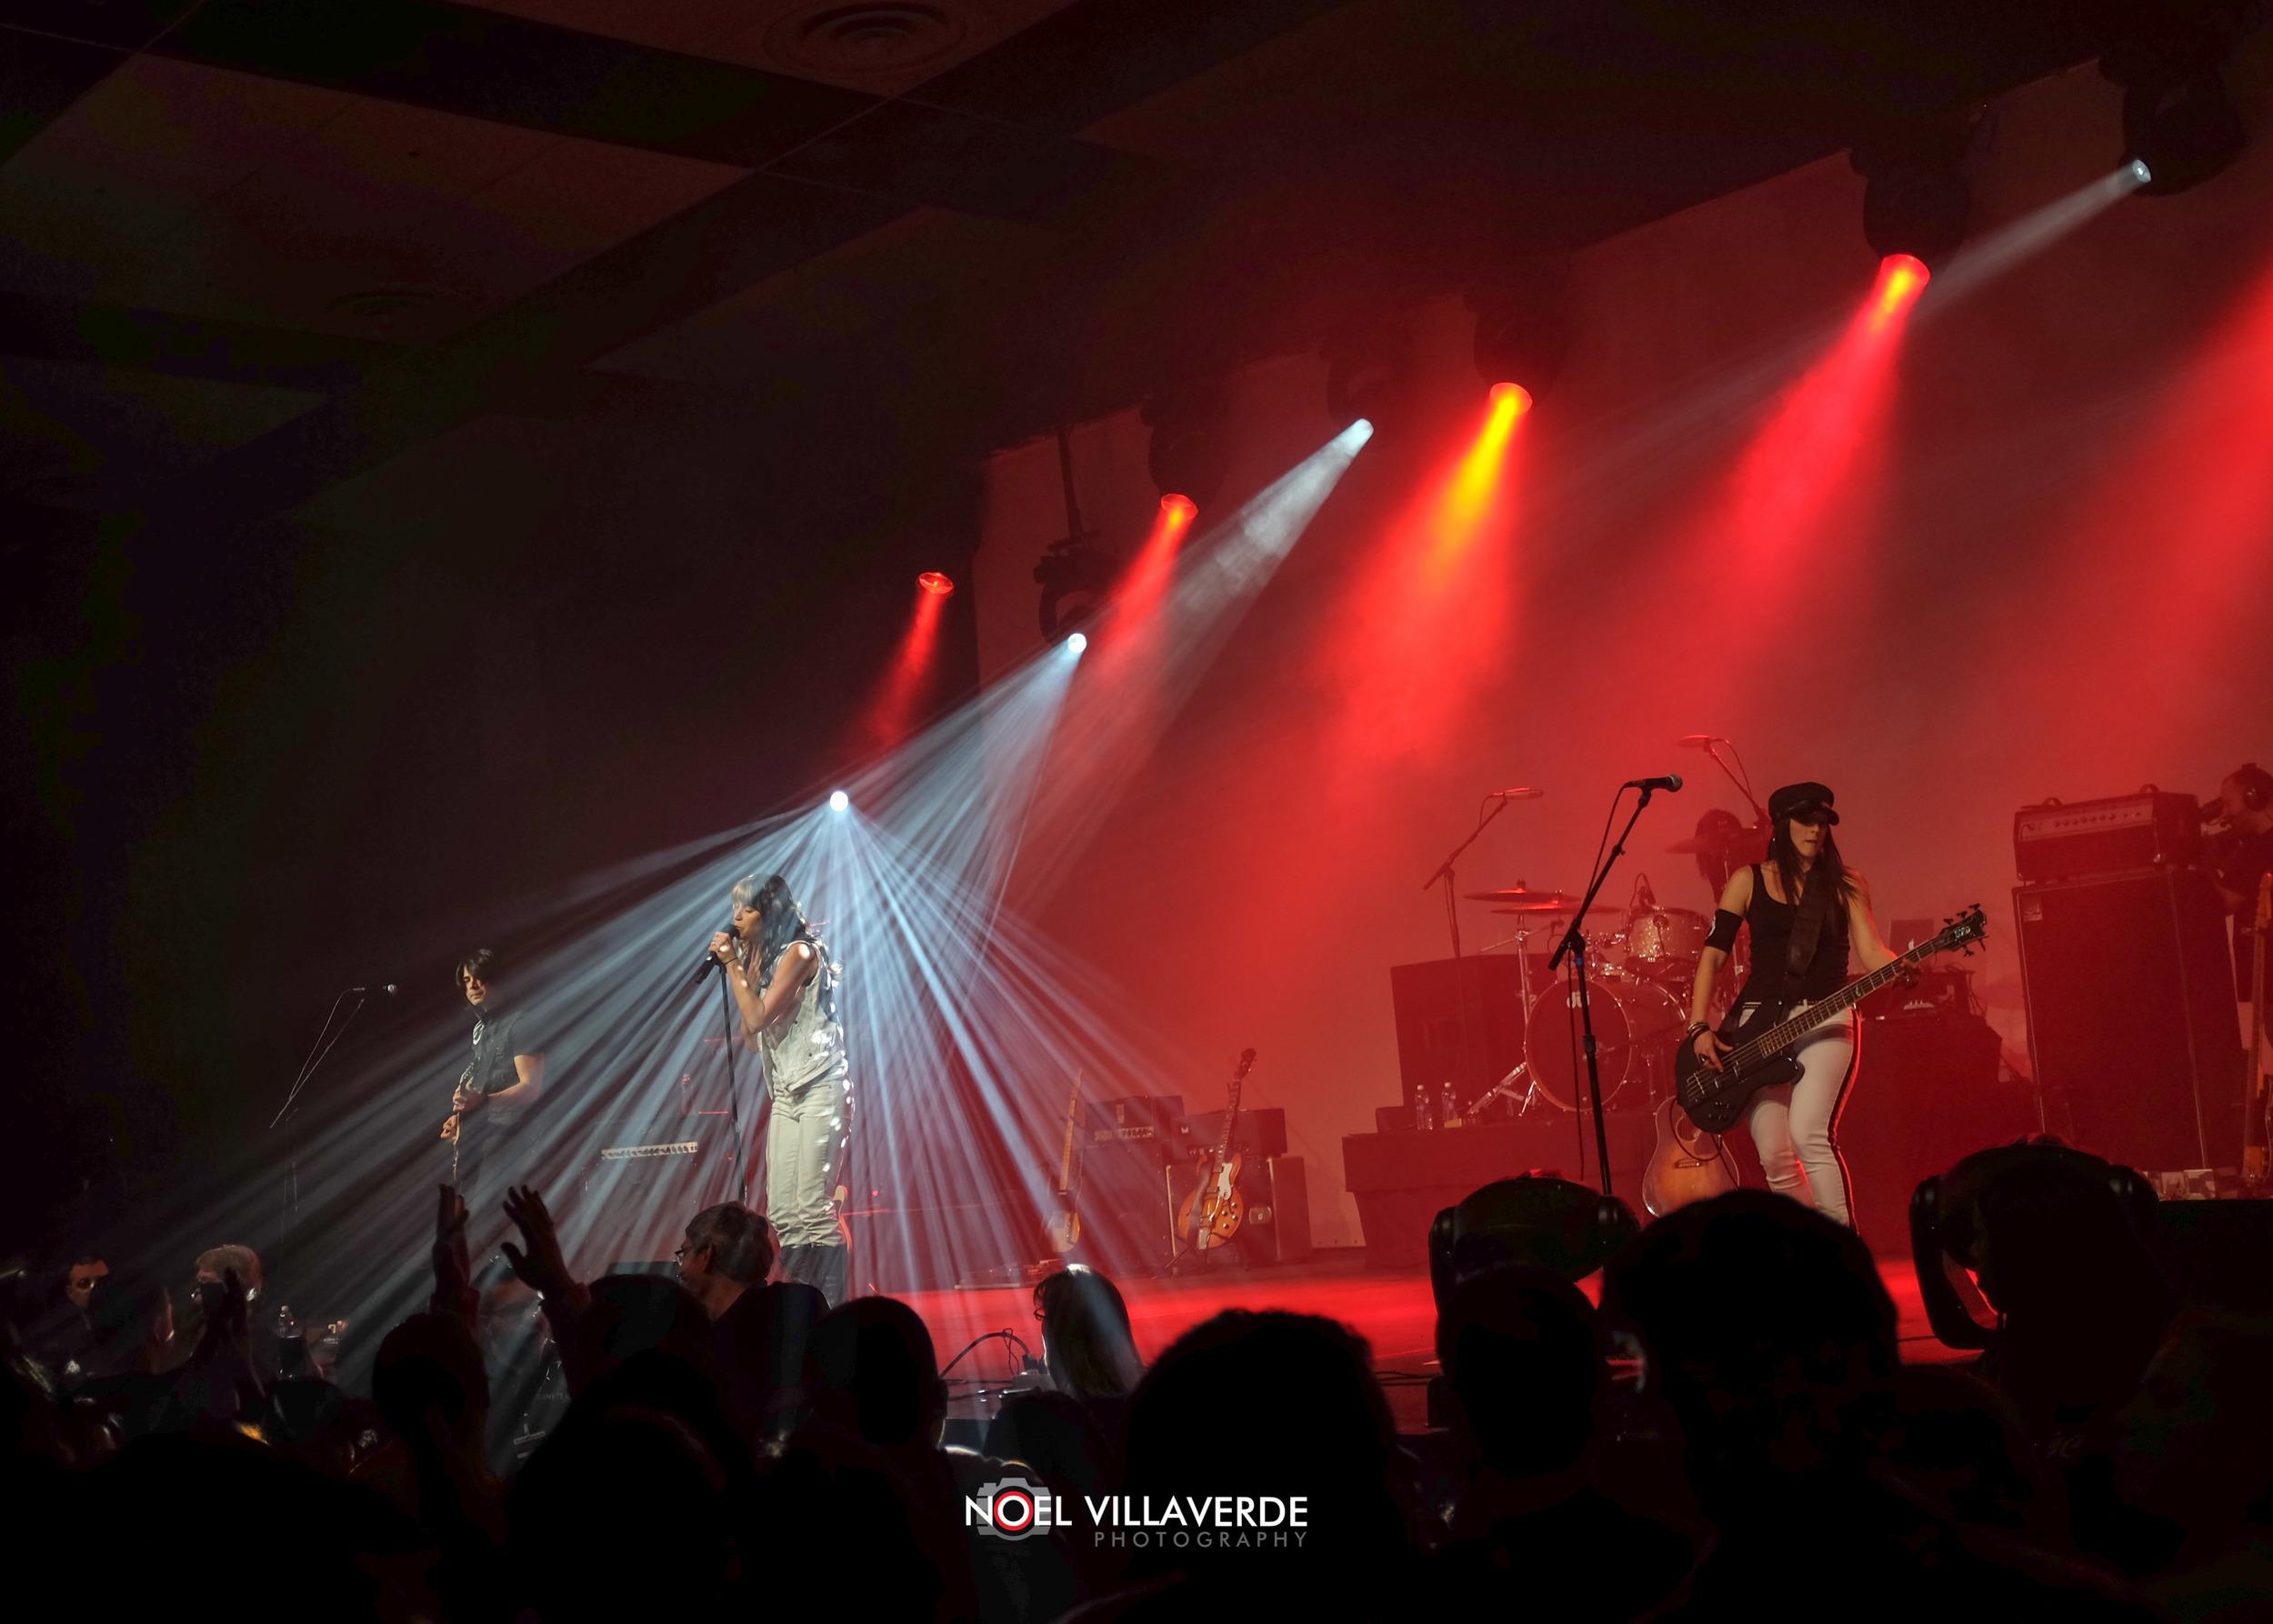 Ignition_Concert-12.jpg